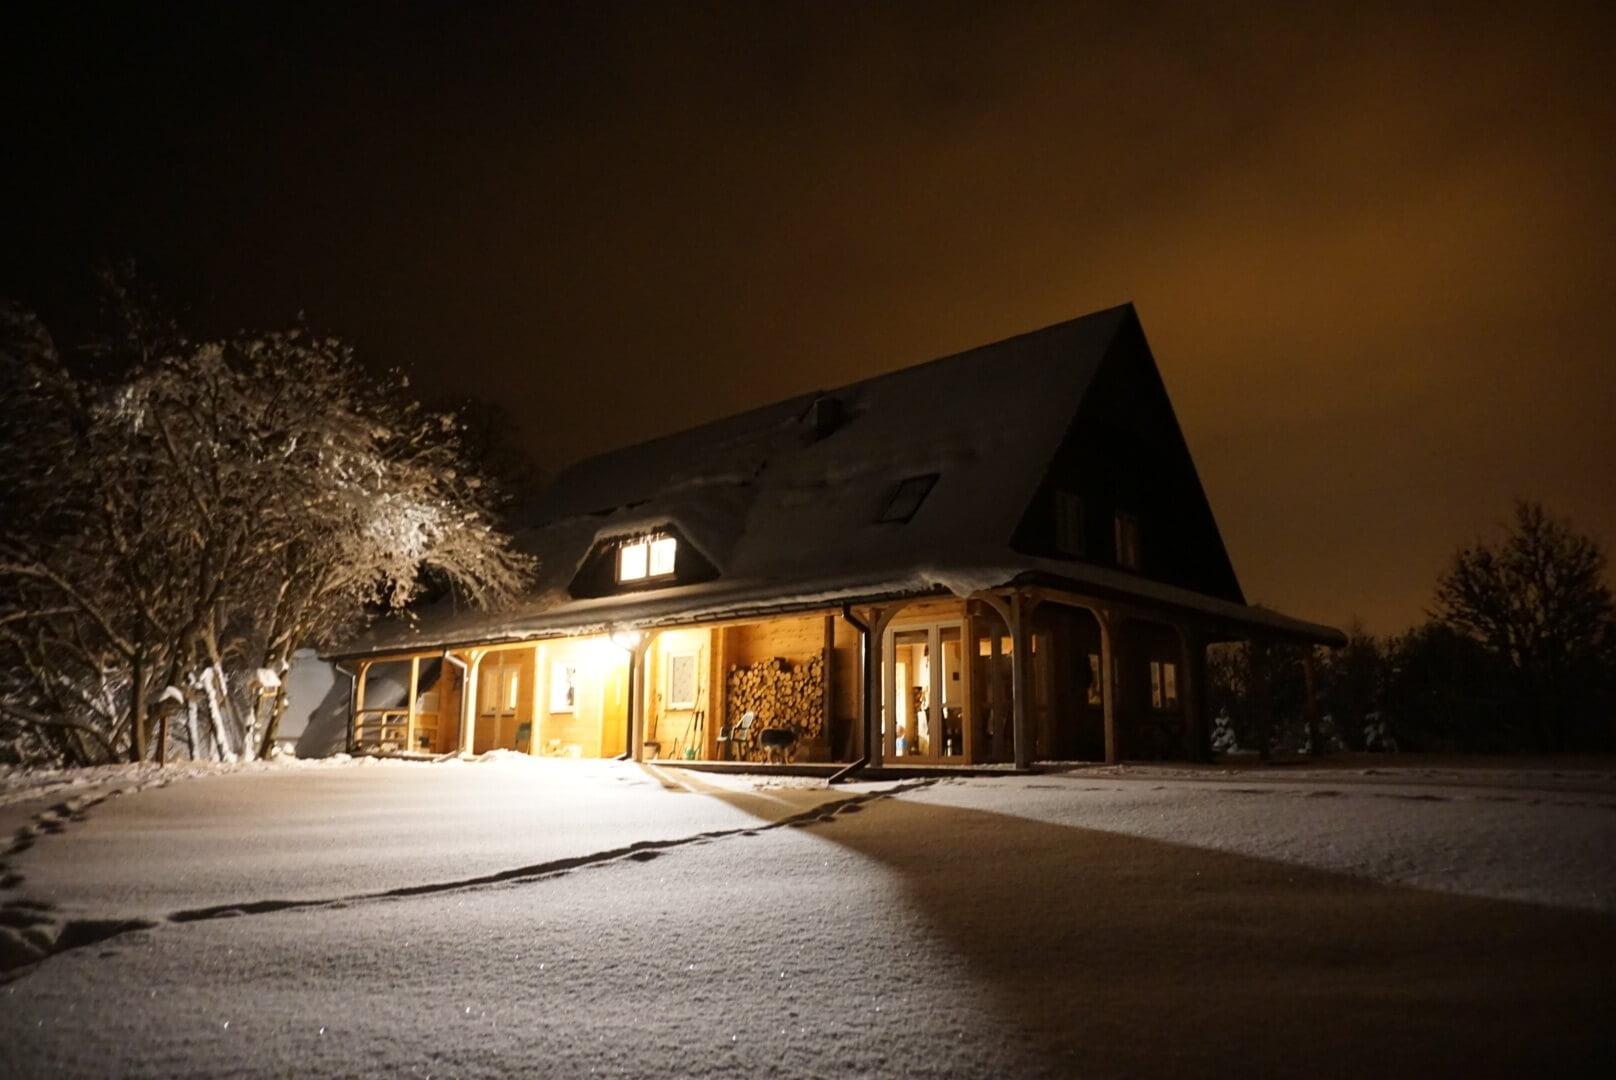 Nocne, zimowe niebo w fotografii Adama 1